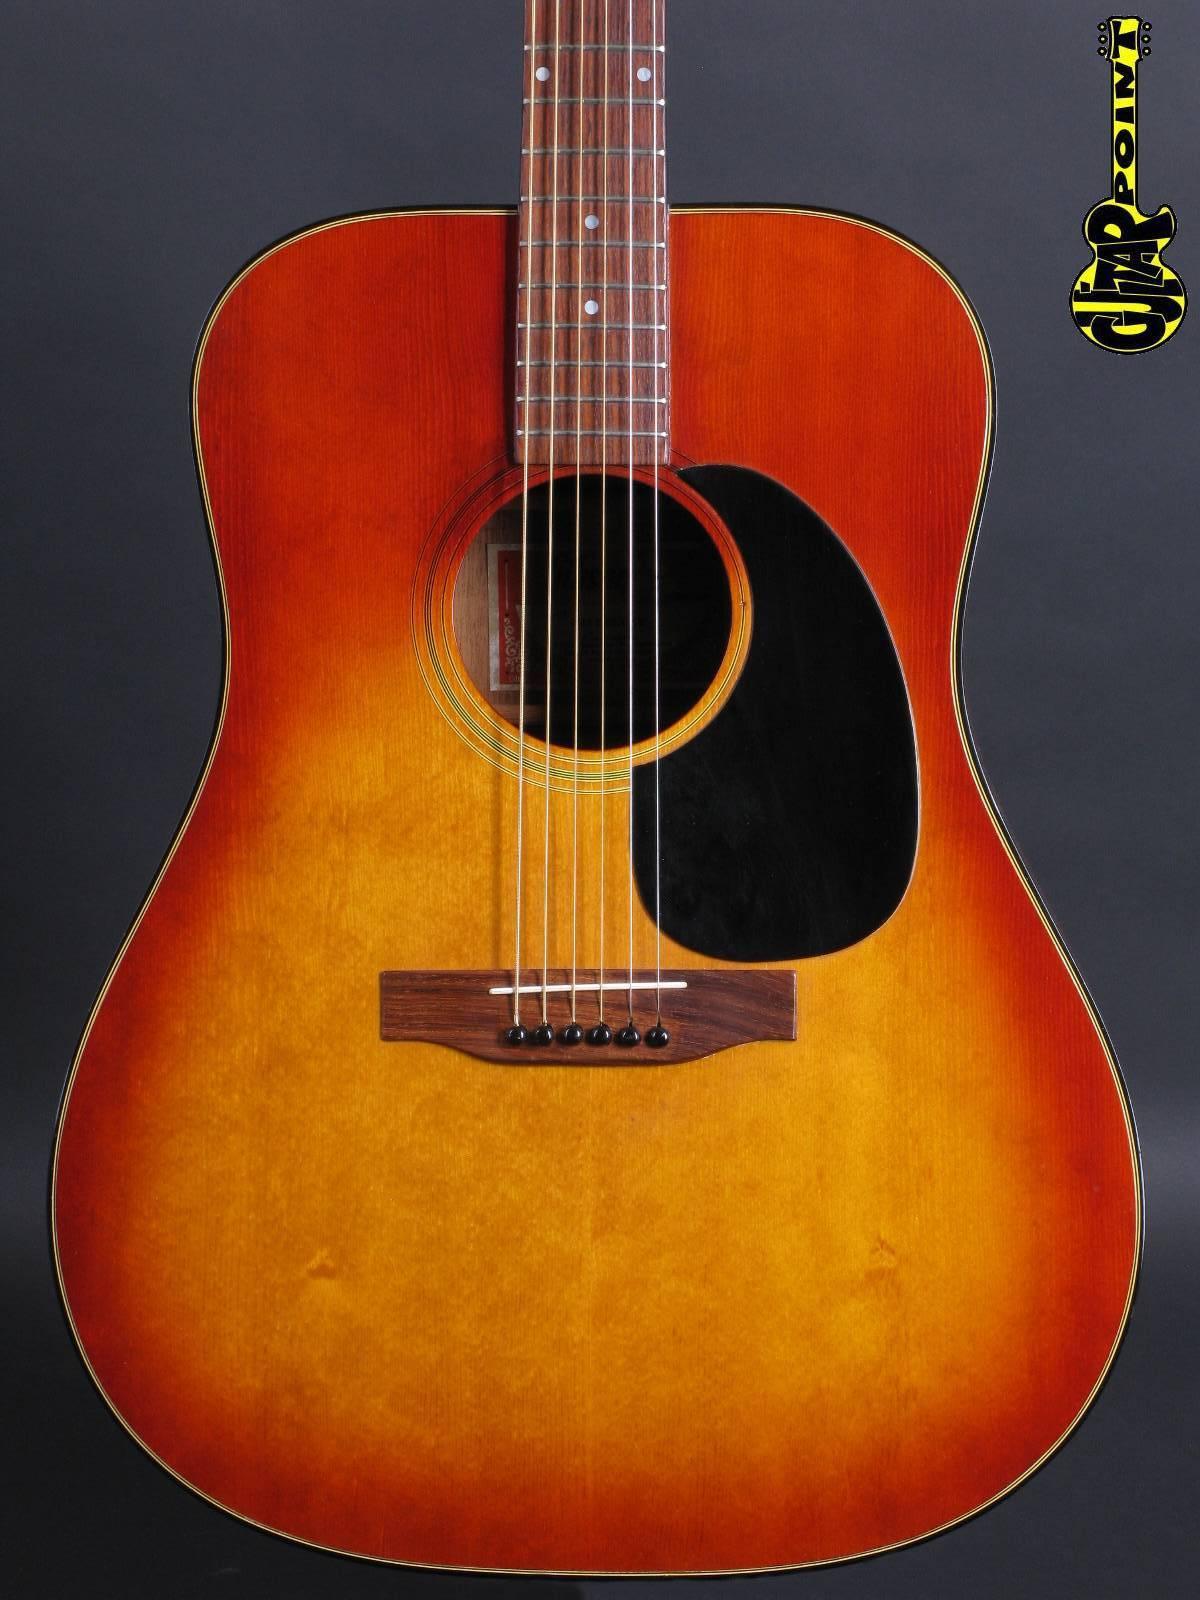 1974 Gibson J-45 Deluxe - Sunburst